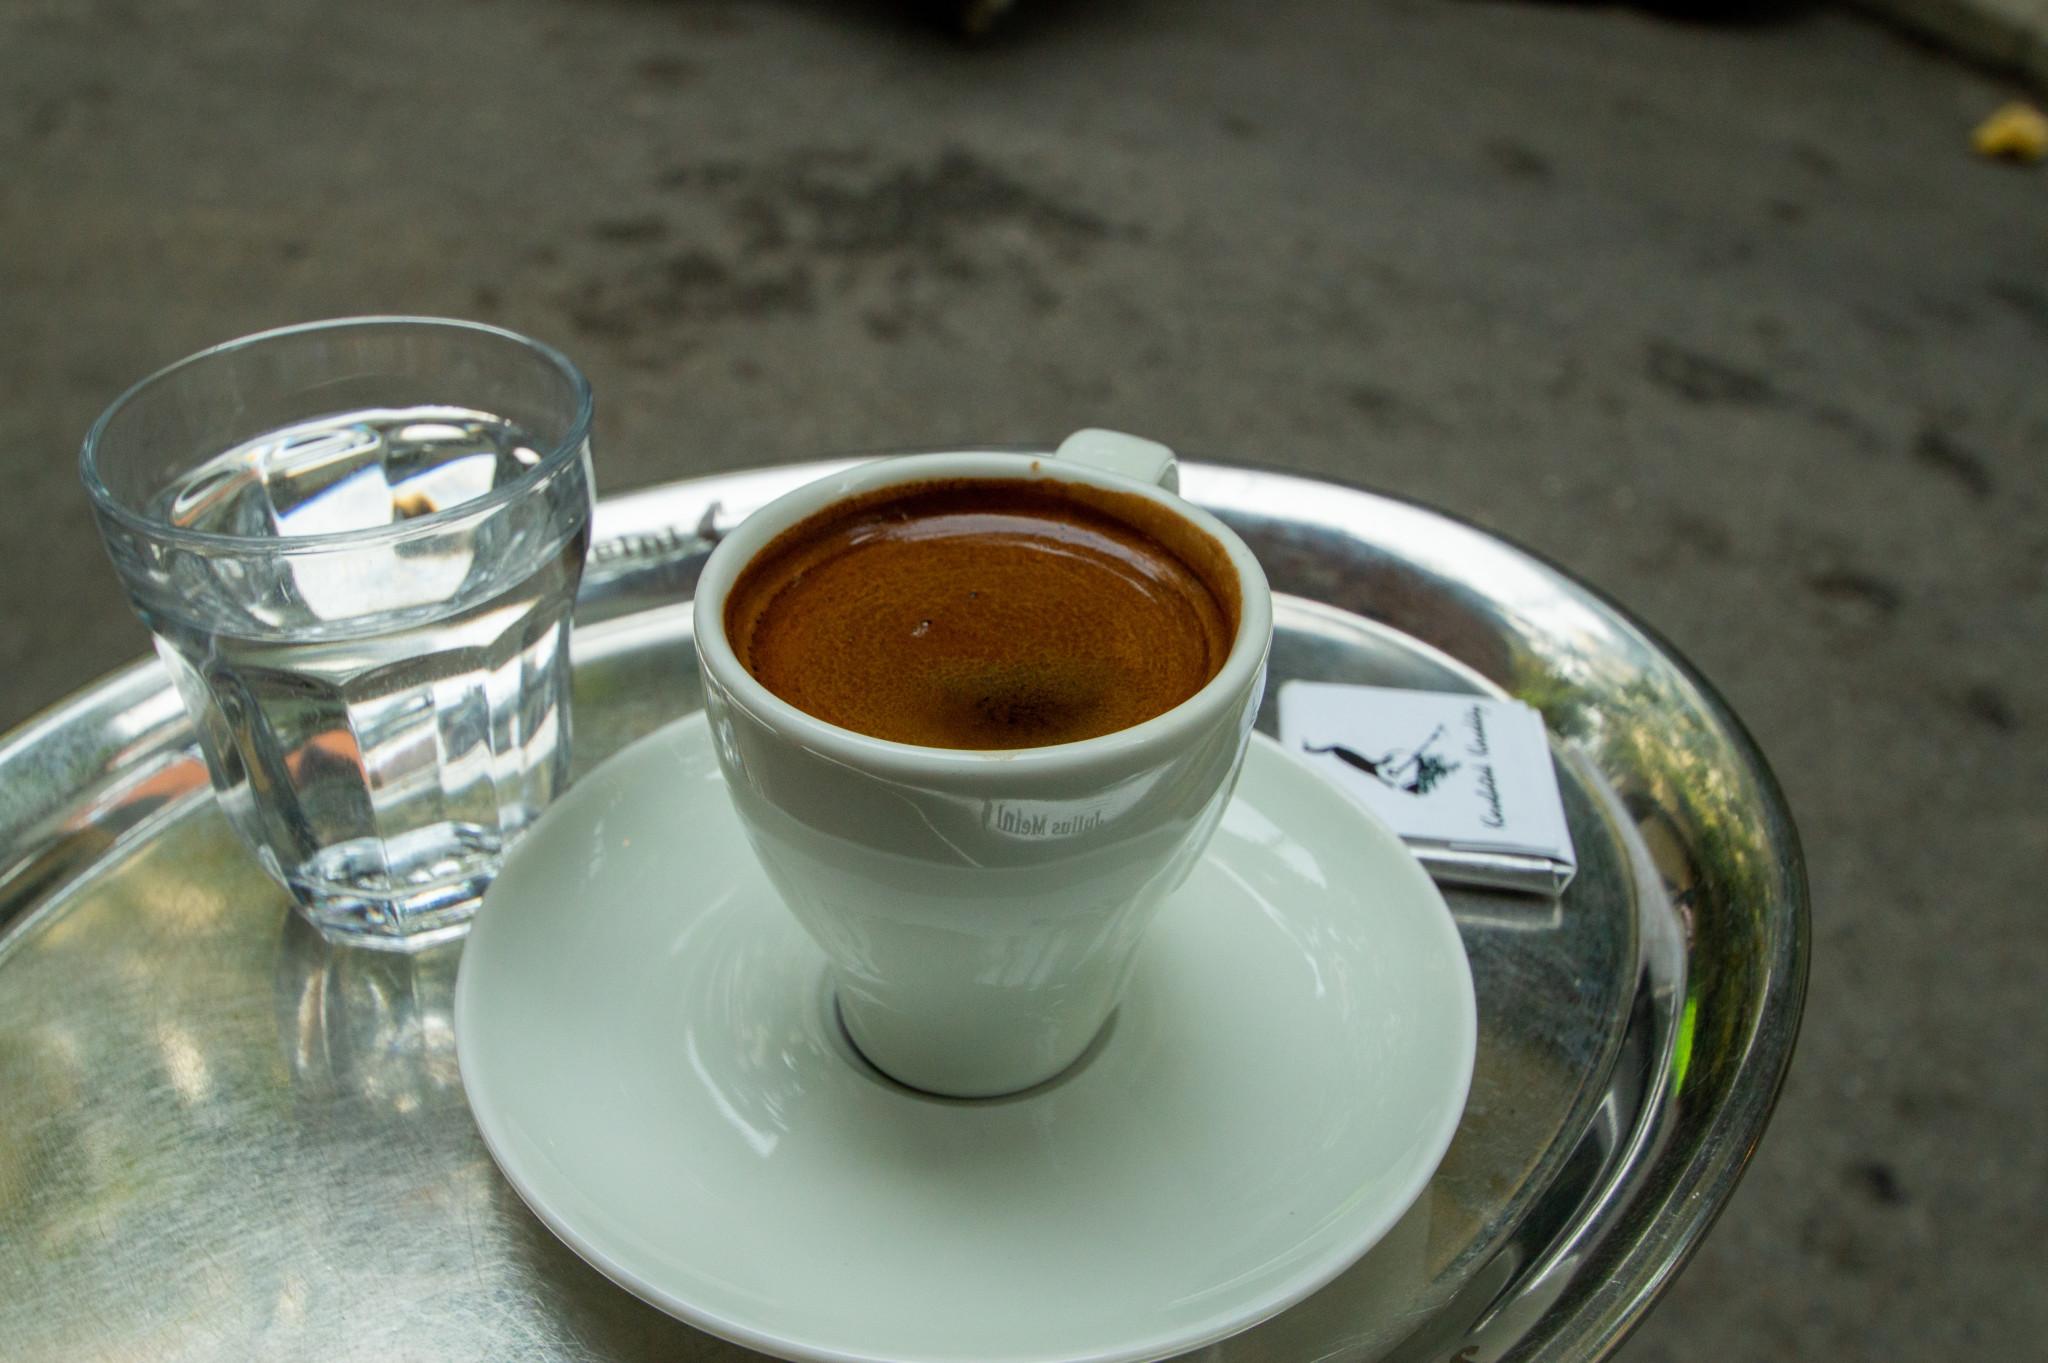 Türkischer Kaffee schmeckt auch im Kaffeeabo gut